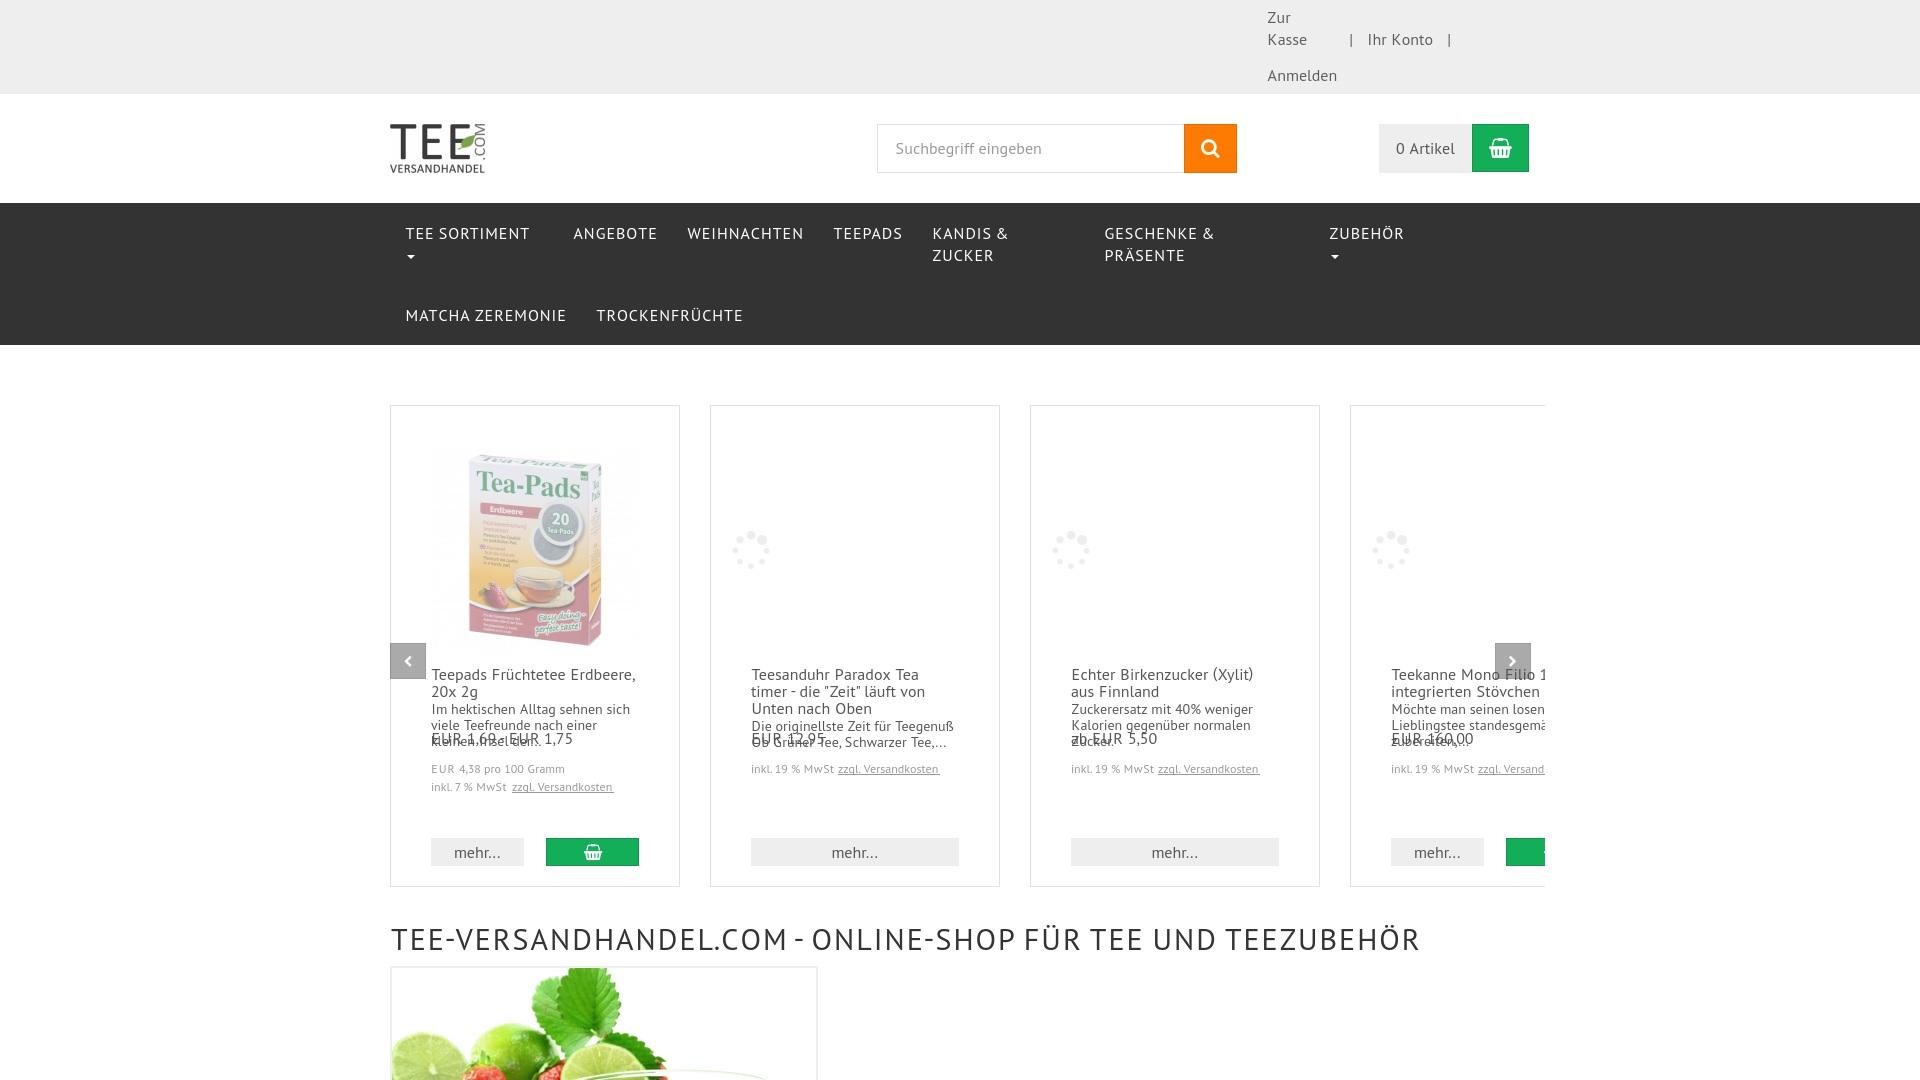 Geld zurück bei Tee-versandhandel: Jetzt im Oktober 2021 Cashback für Tee-versandhandel sichern